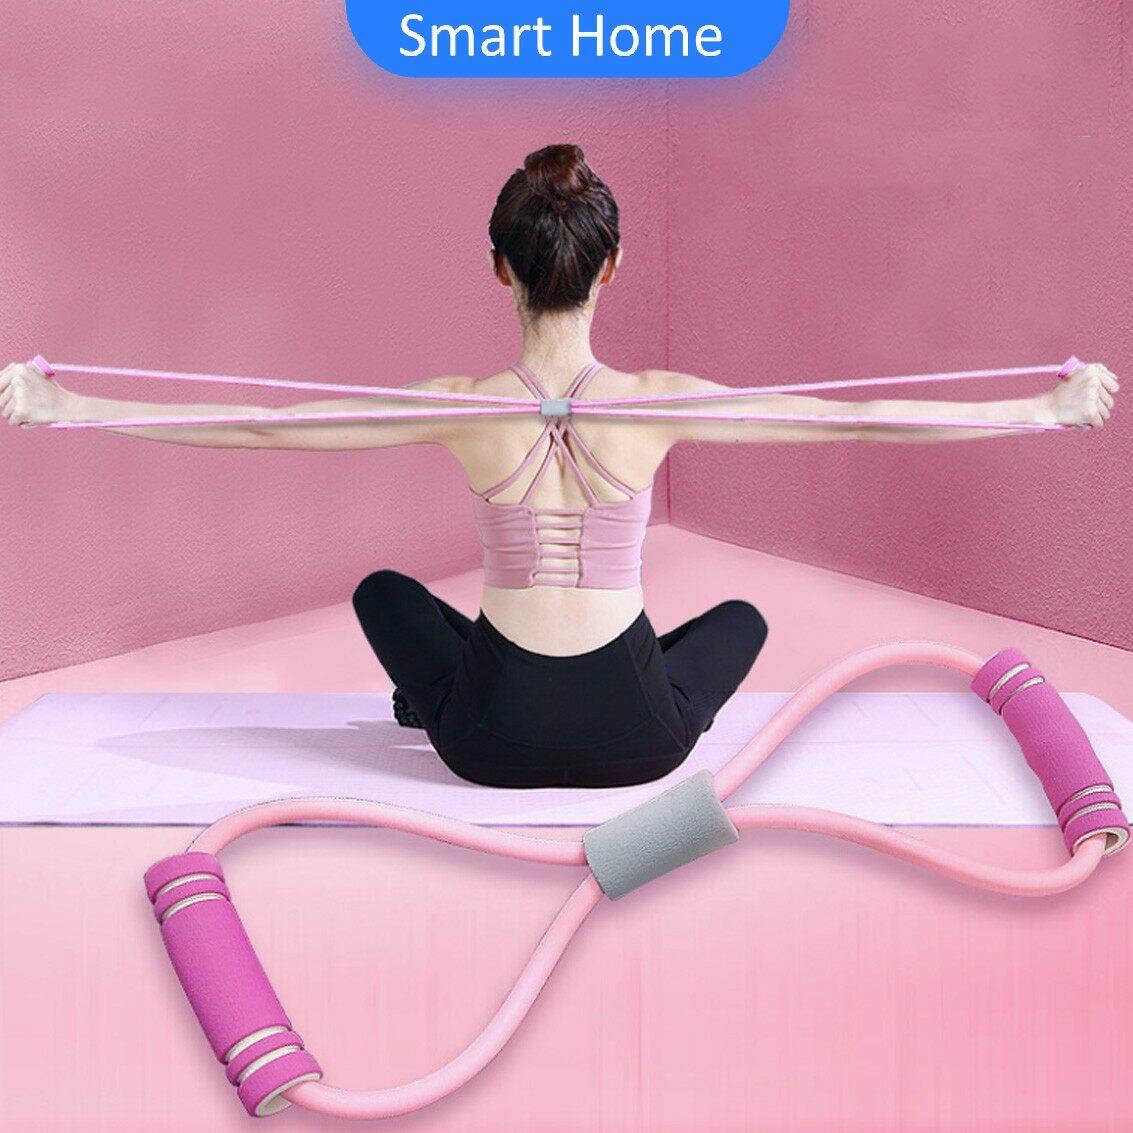 ยางยืดเลข 8 บริหารร่างกาย ผู้เริ่มต้นบริหารกล้ามเนื้อ หรับออกกำลังกายและ โยคะ * อุปกรณ์บริหารต้นขา Yoga 8 Words Strengt.